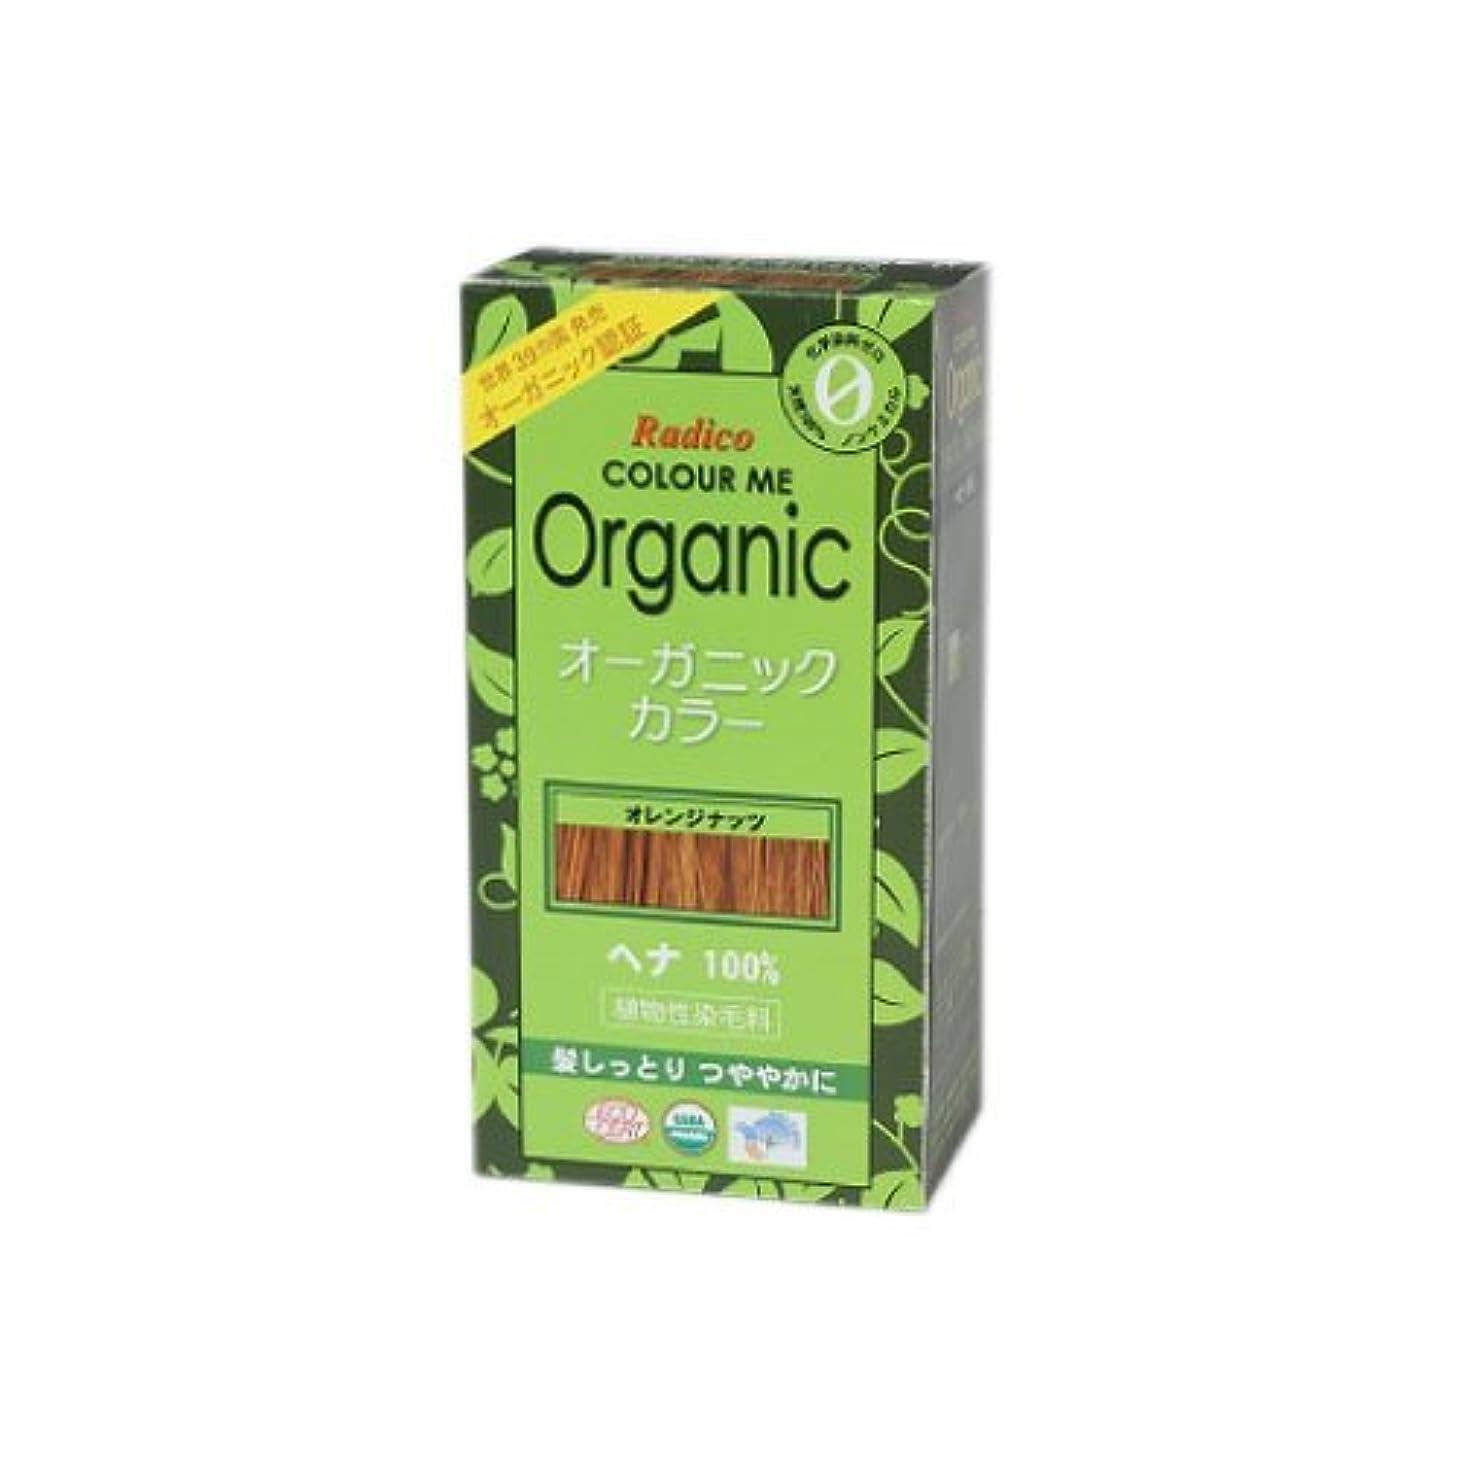 居間スカーフCOLOURME Organic (カラーミーオーガニック ヘナ 白髪用) オレンジナッツ 100g